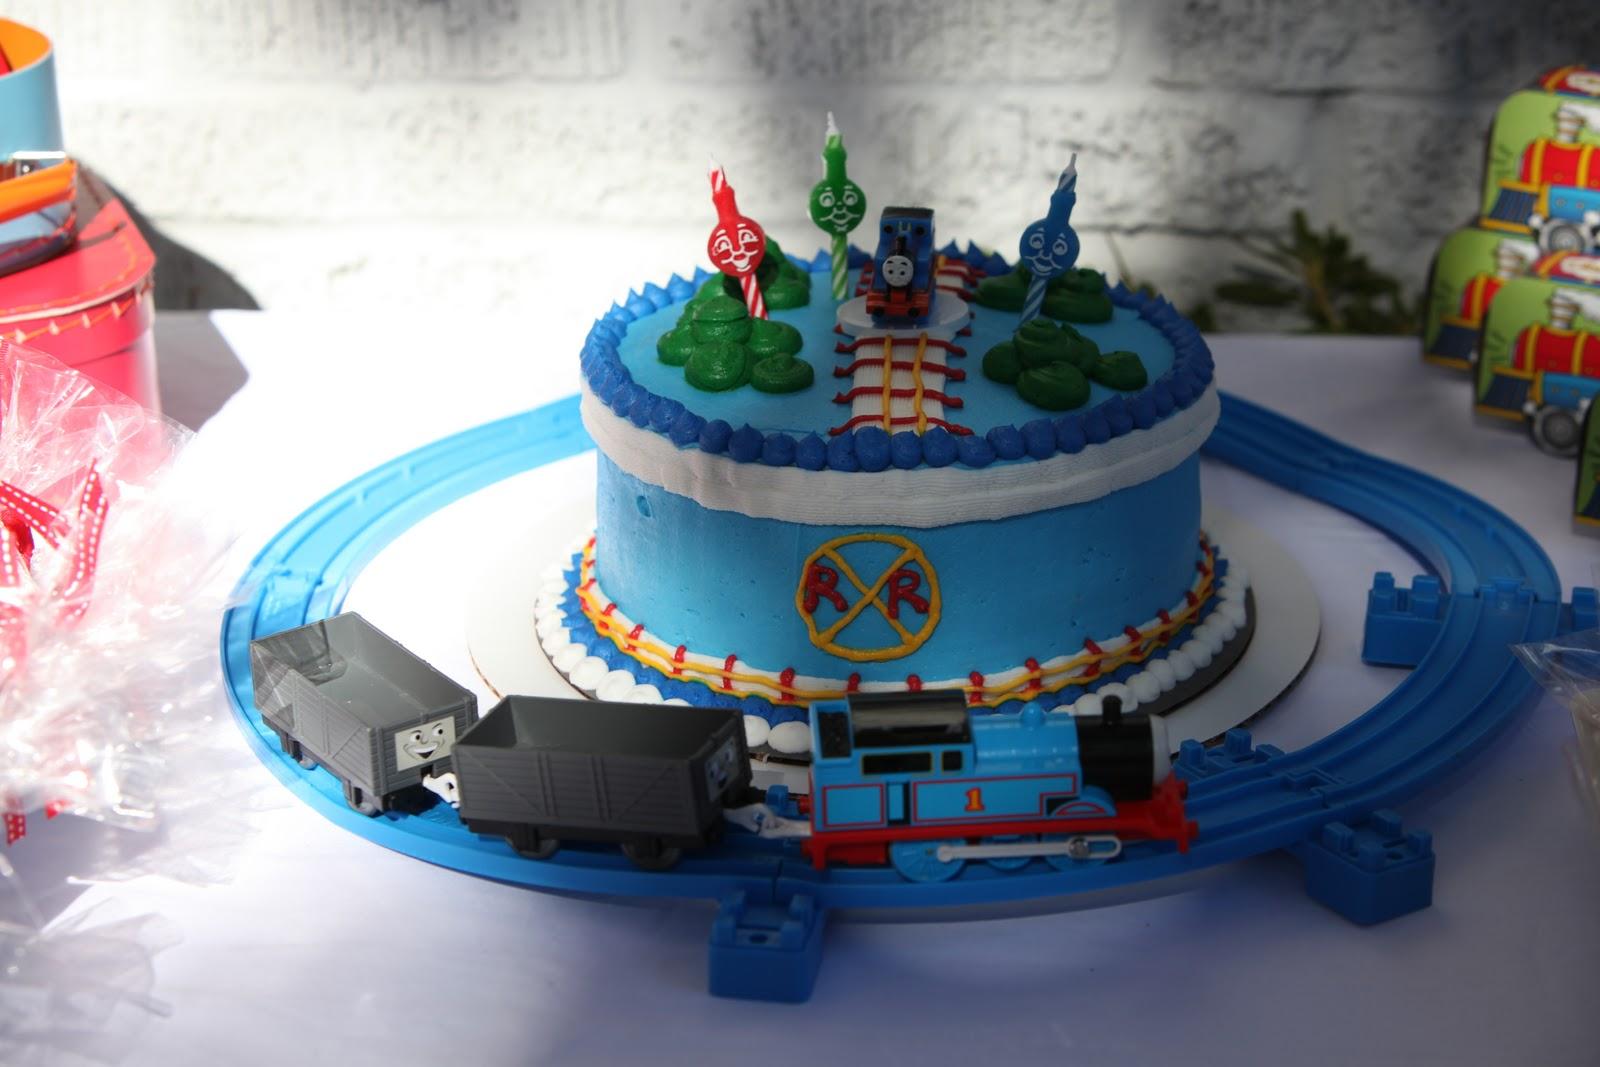 thomas the train birthday party thomas the train themed party birthday party ideas. Black Bedroom Furniture Sets. Home Design Ideas